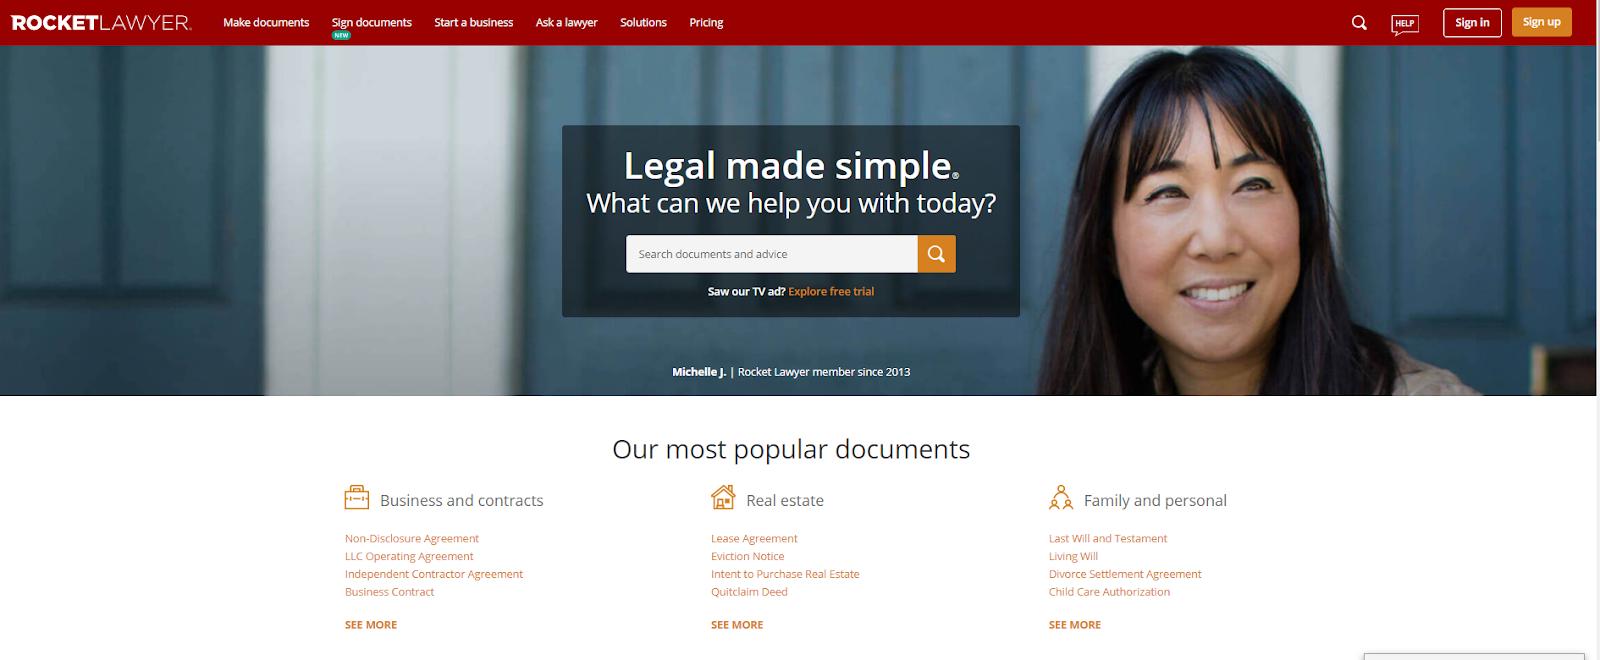 Rocket Lawyer website